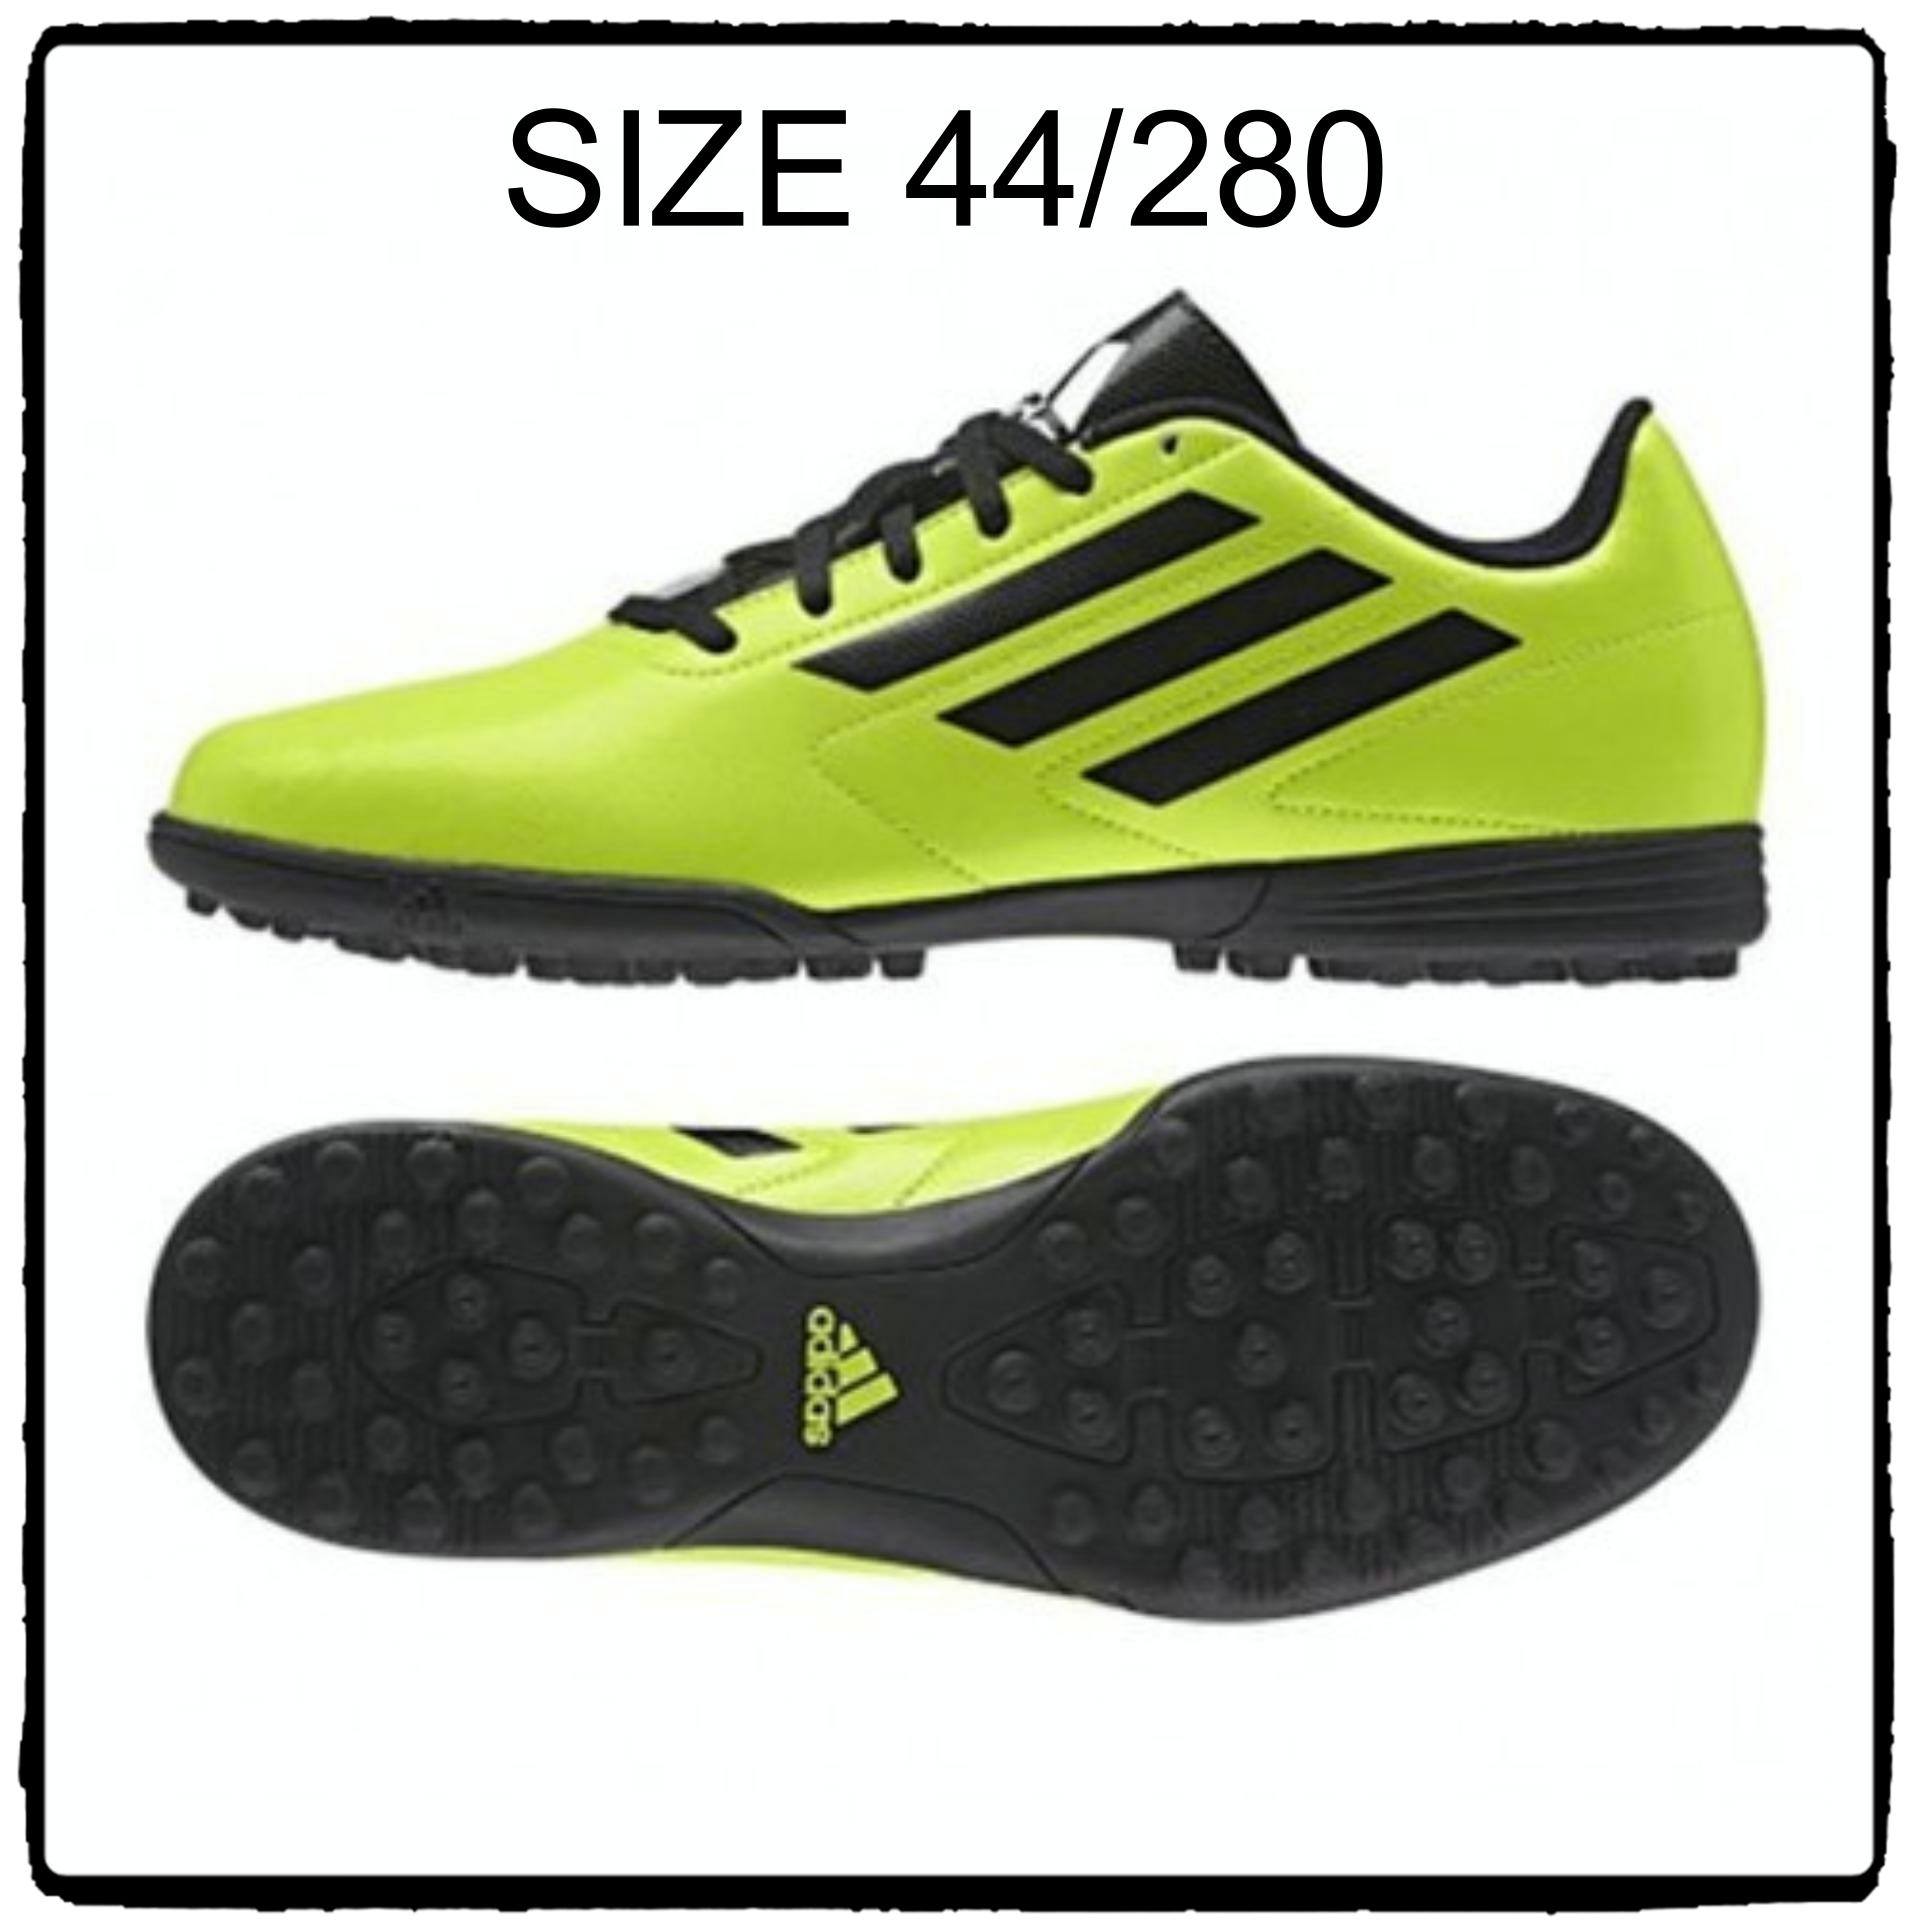 รองเท้าฟุตบอล /ร้อยปุ่ม Adidas Conquisto II TF สี เขียว